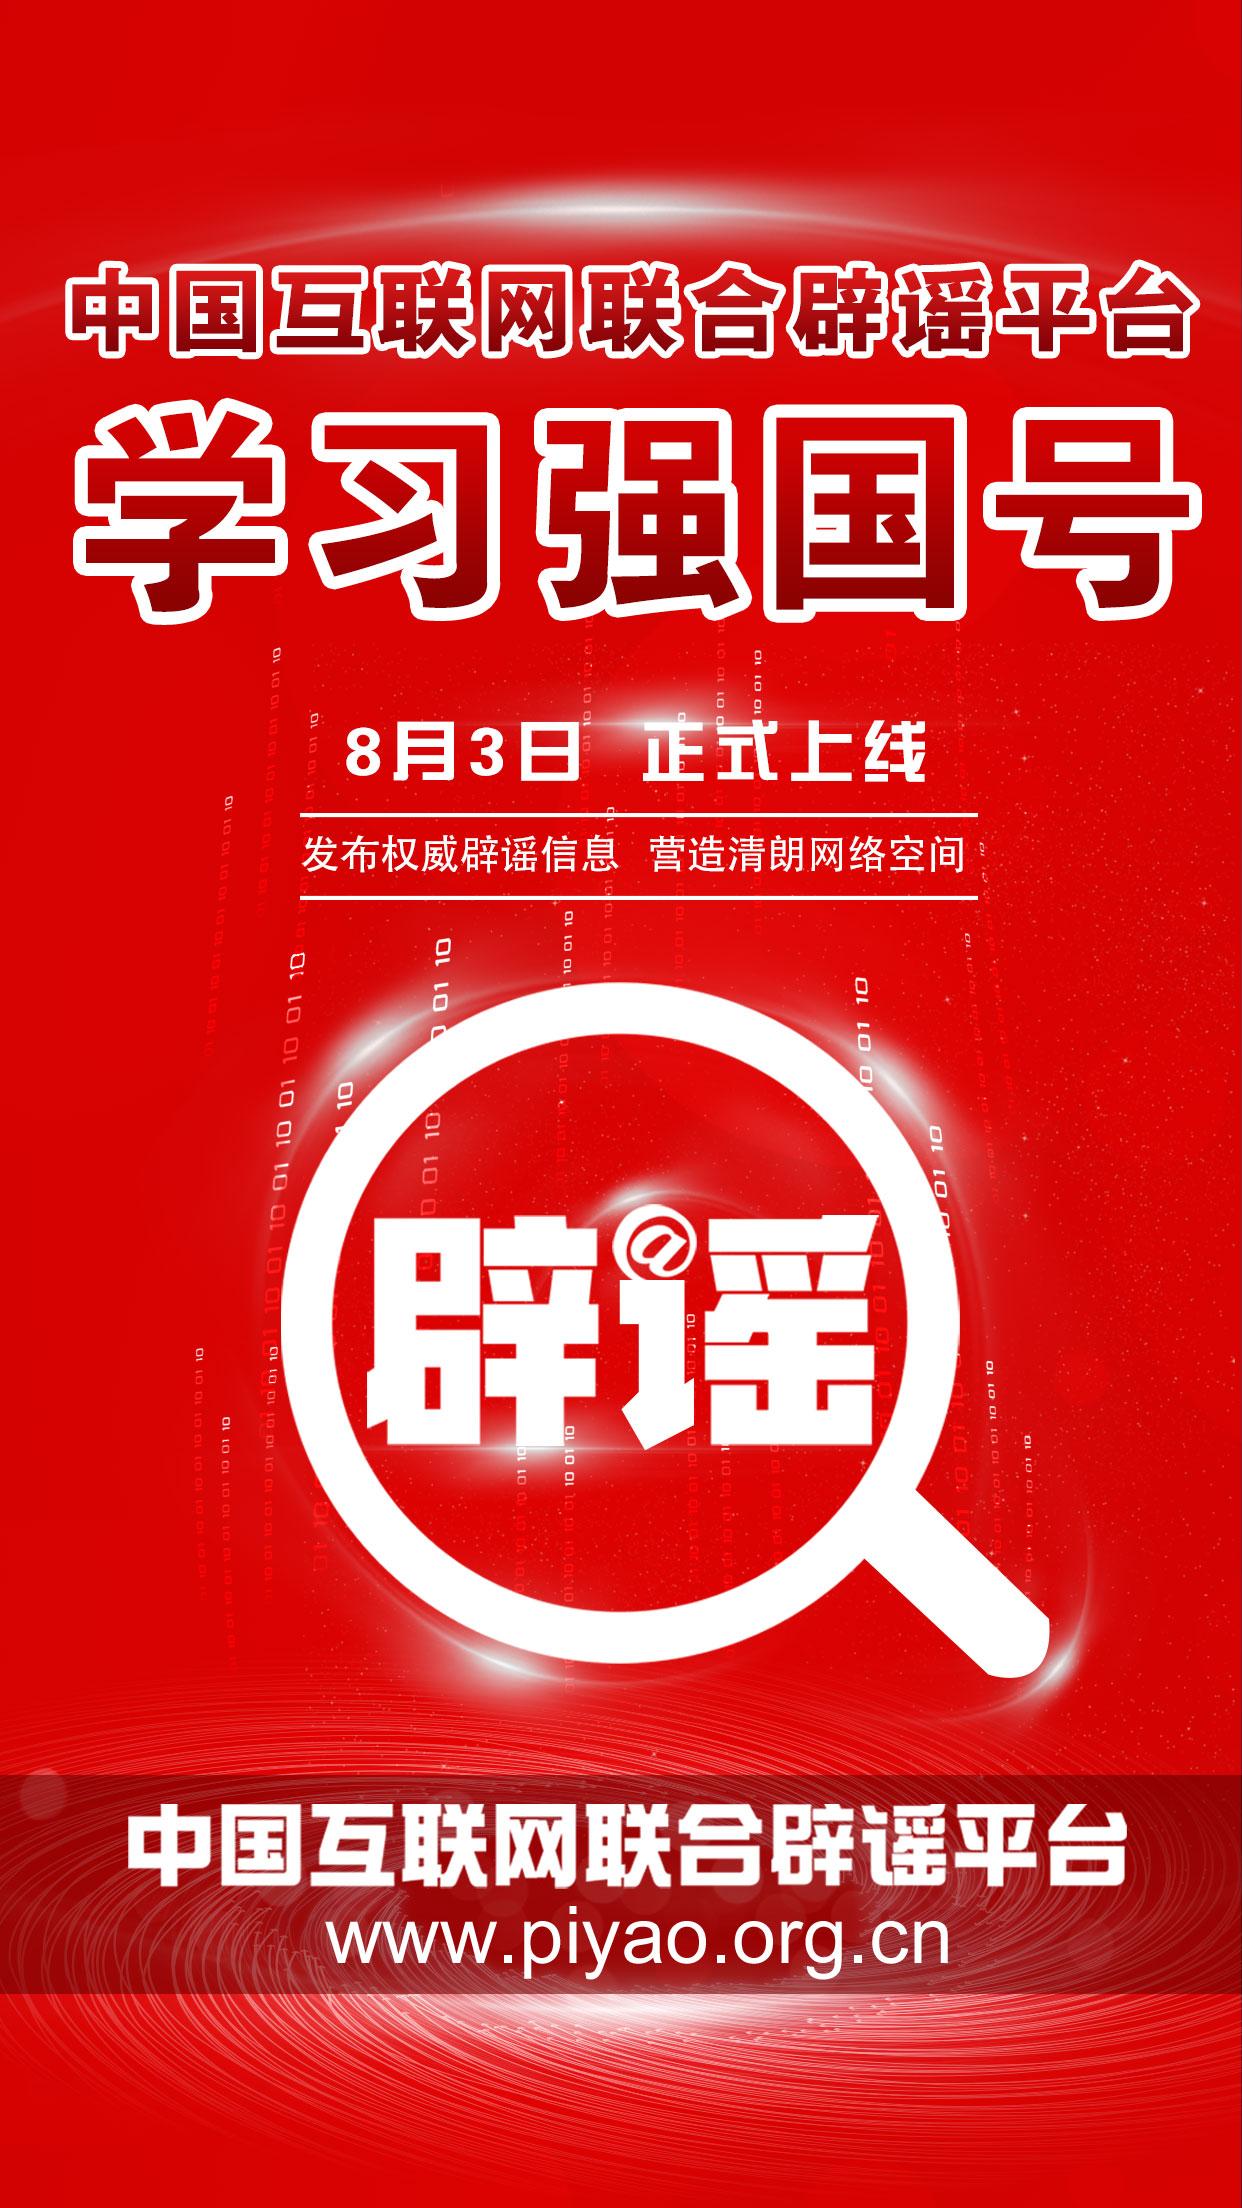 """""""中国互联网联合辟谣平台""""学习强国号上线运行"""